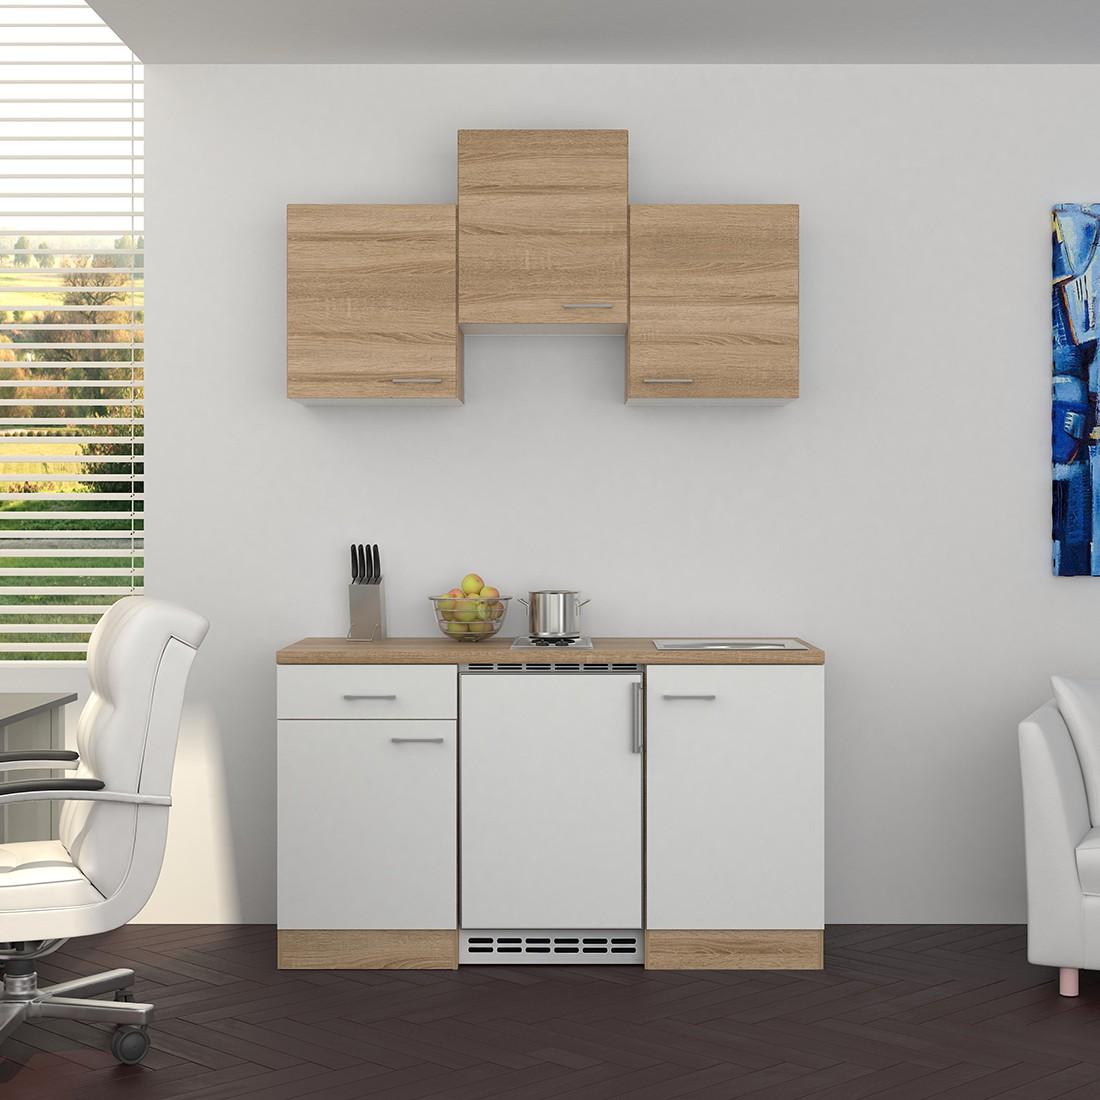 singlek che rom mit elektro kochfeld und k hlschrank breite 150 cm wei k che singlek chen. Black Bedroom Furniture Sets. Home Design Ideas